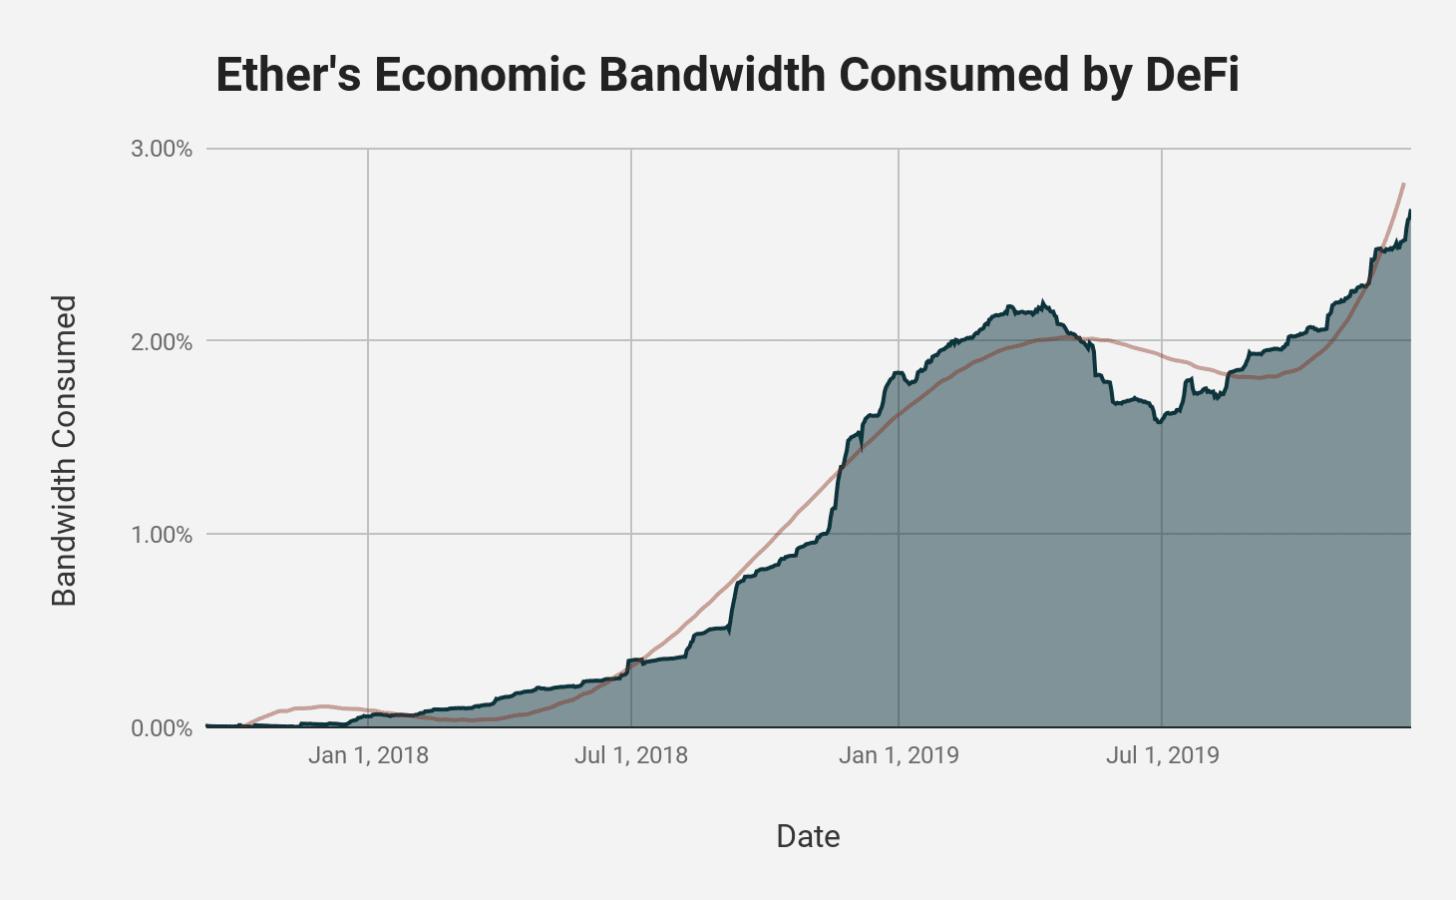 La croissance d'Ethereum poussée par la DeFi (Finance Décentralisée) ?